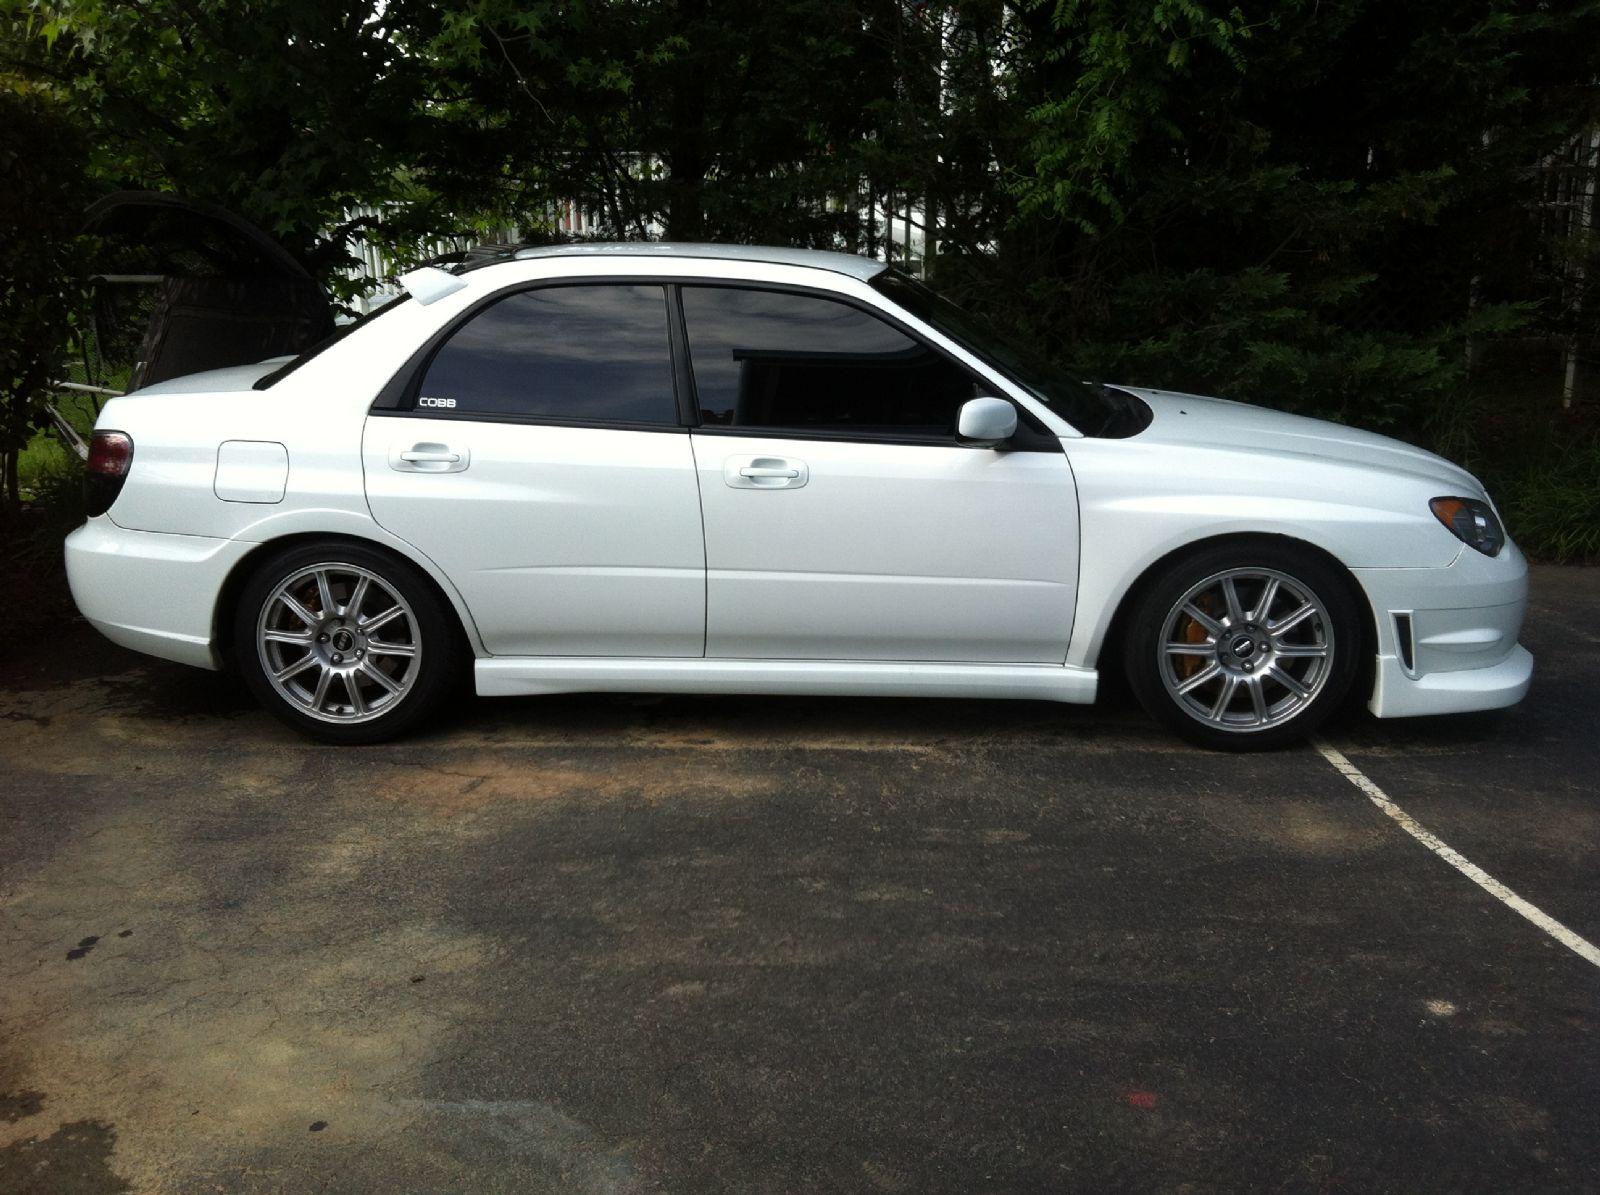 2006 Subaru Sti Impreza Sti Wrx Sti For Sale Annapolis